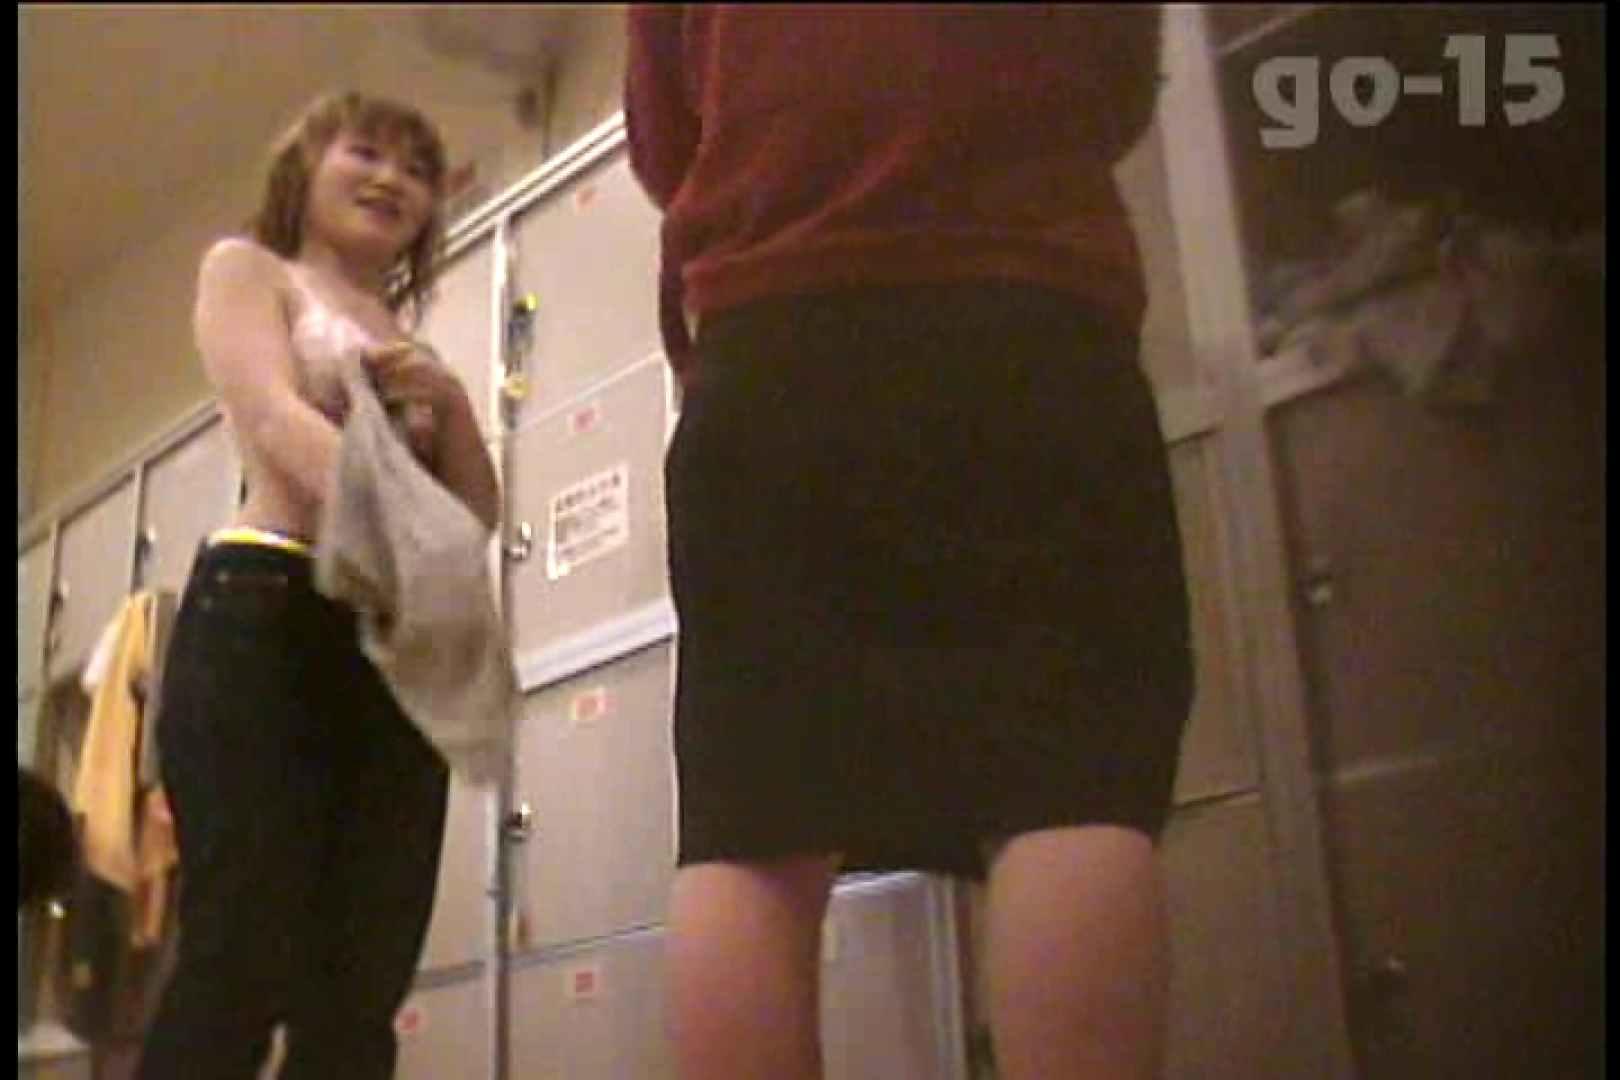 電波カメラ設置浴場からの防HAN映像 Vol.15 ギャル達 ヌード画像 108枚 74